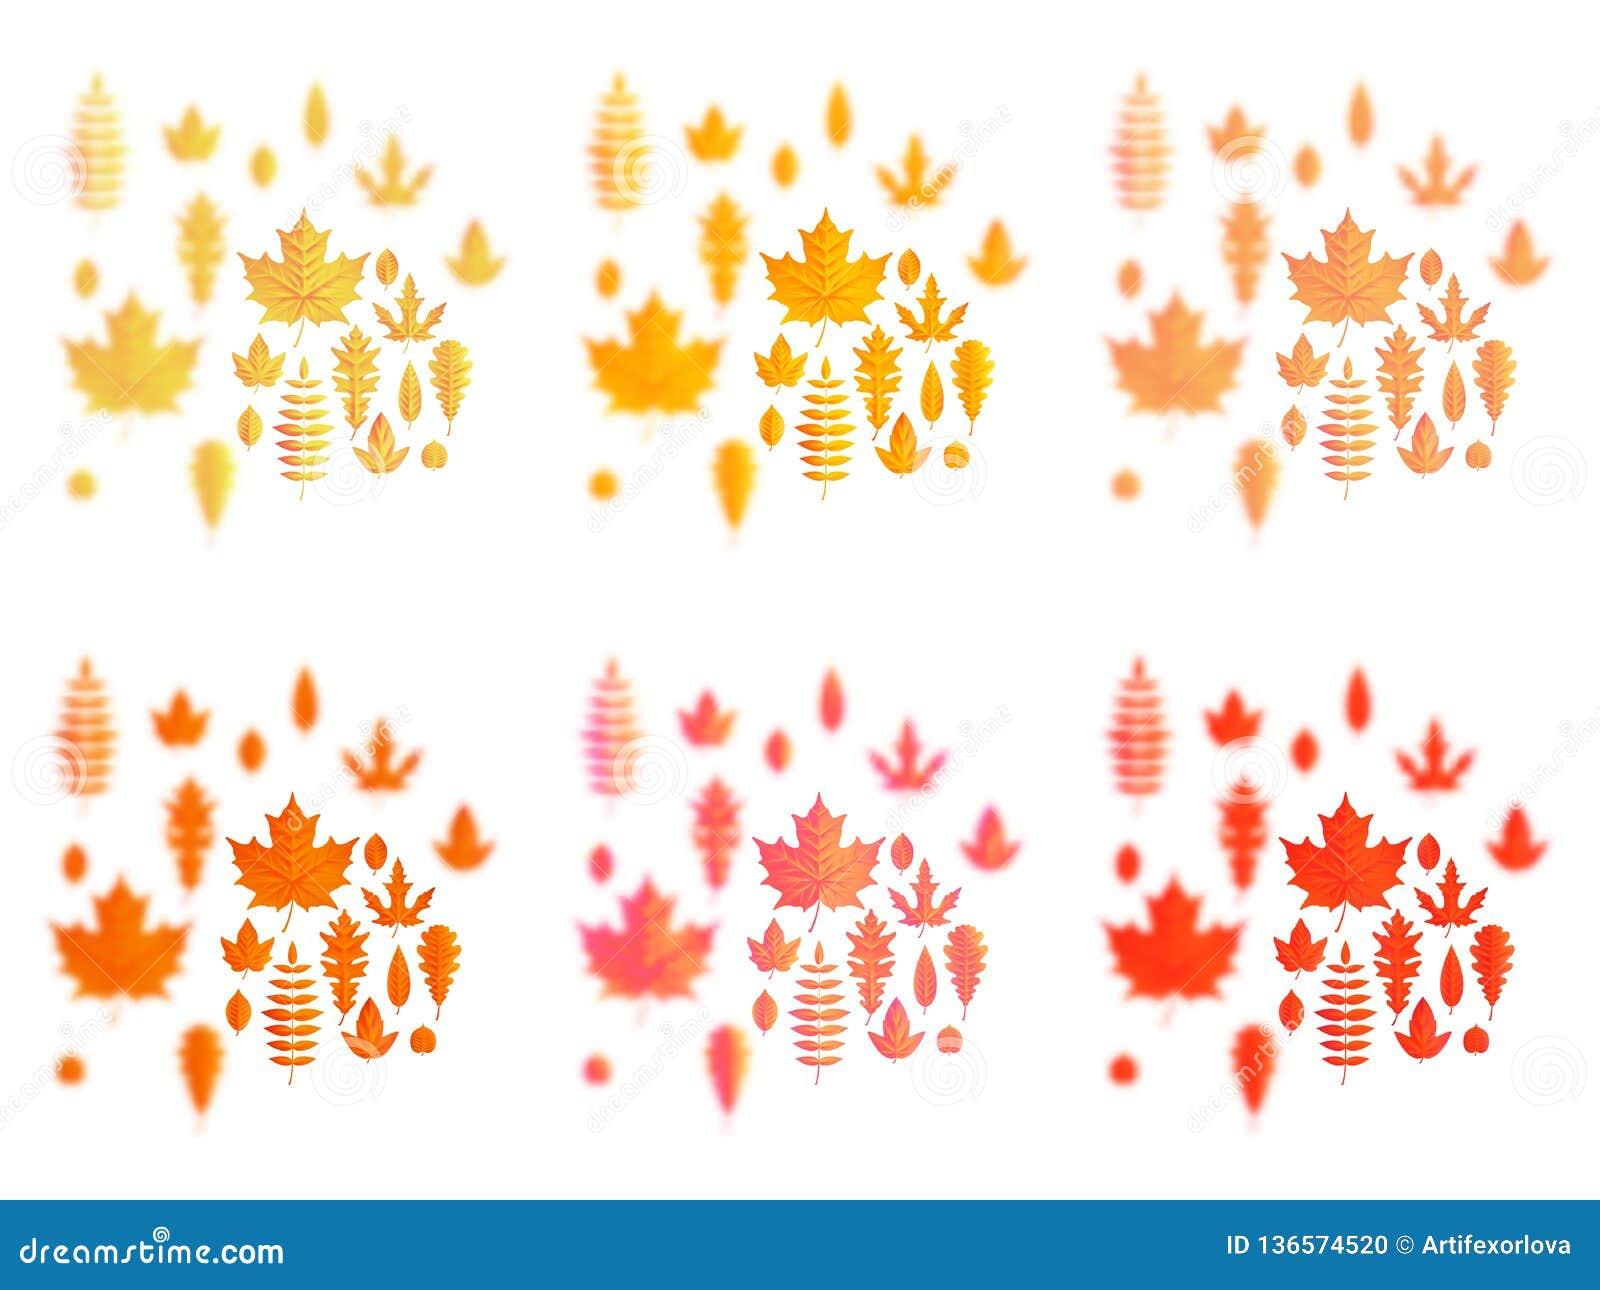 Fije de las hojas de otoño o de los iconos del follaje de otoño Arce, roble o abedul y hoja del árbol de serbal Álamo, haya u olm